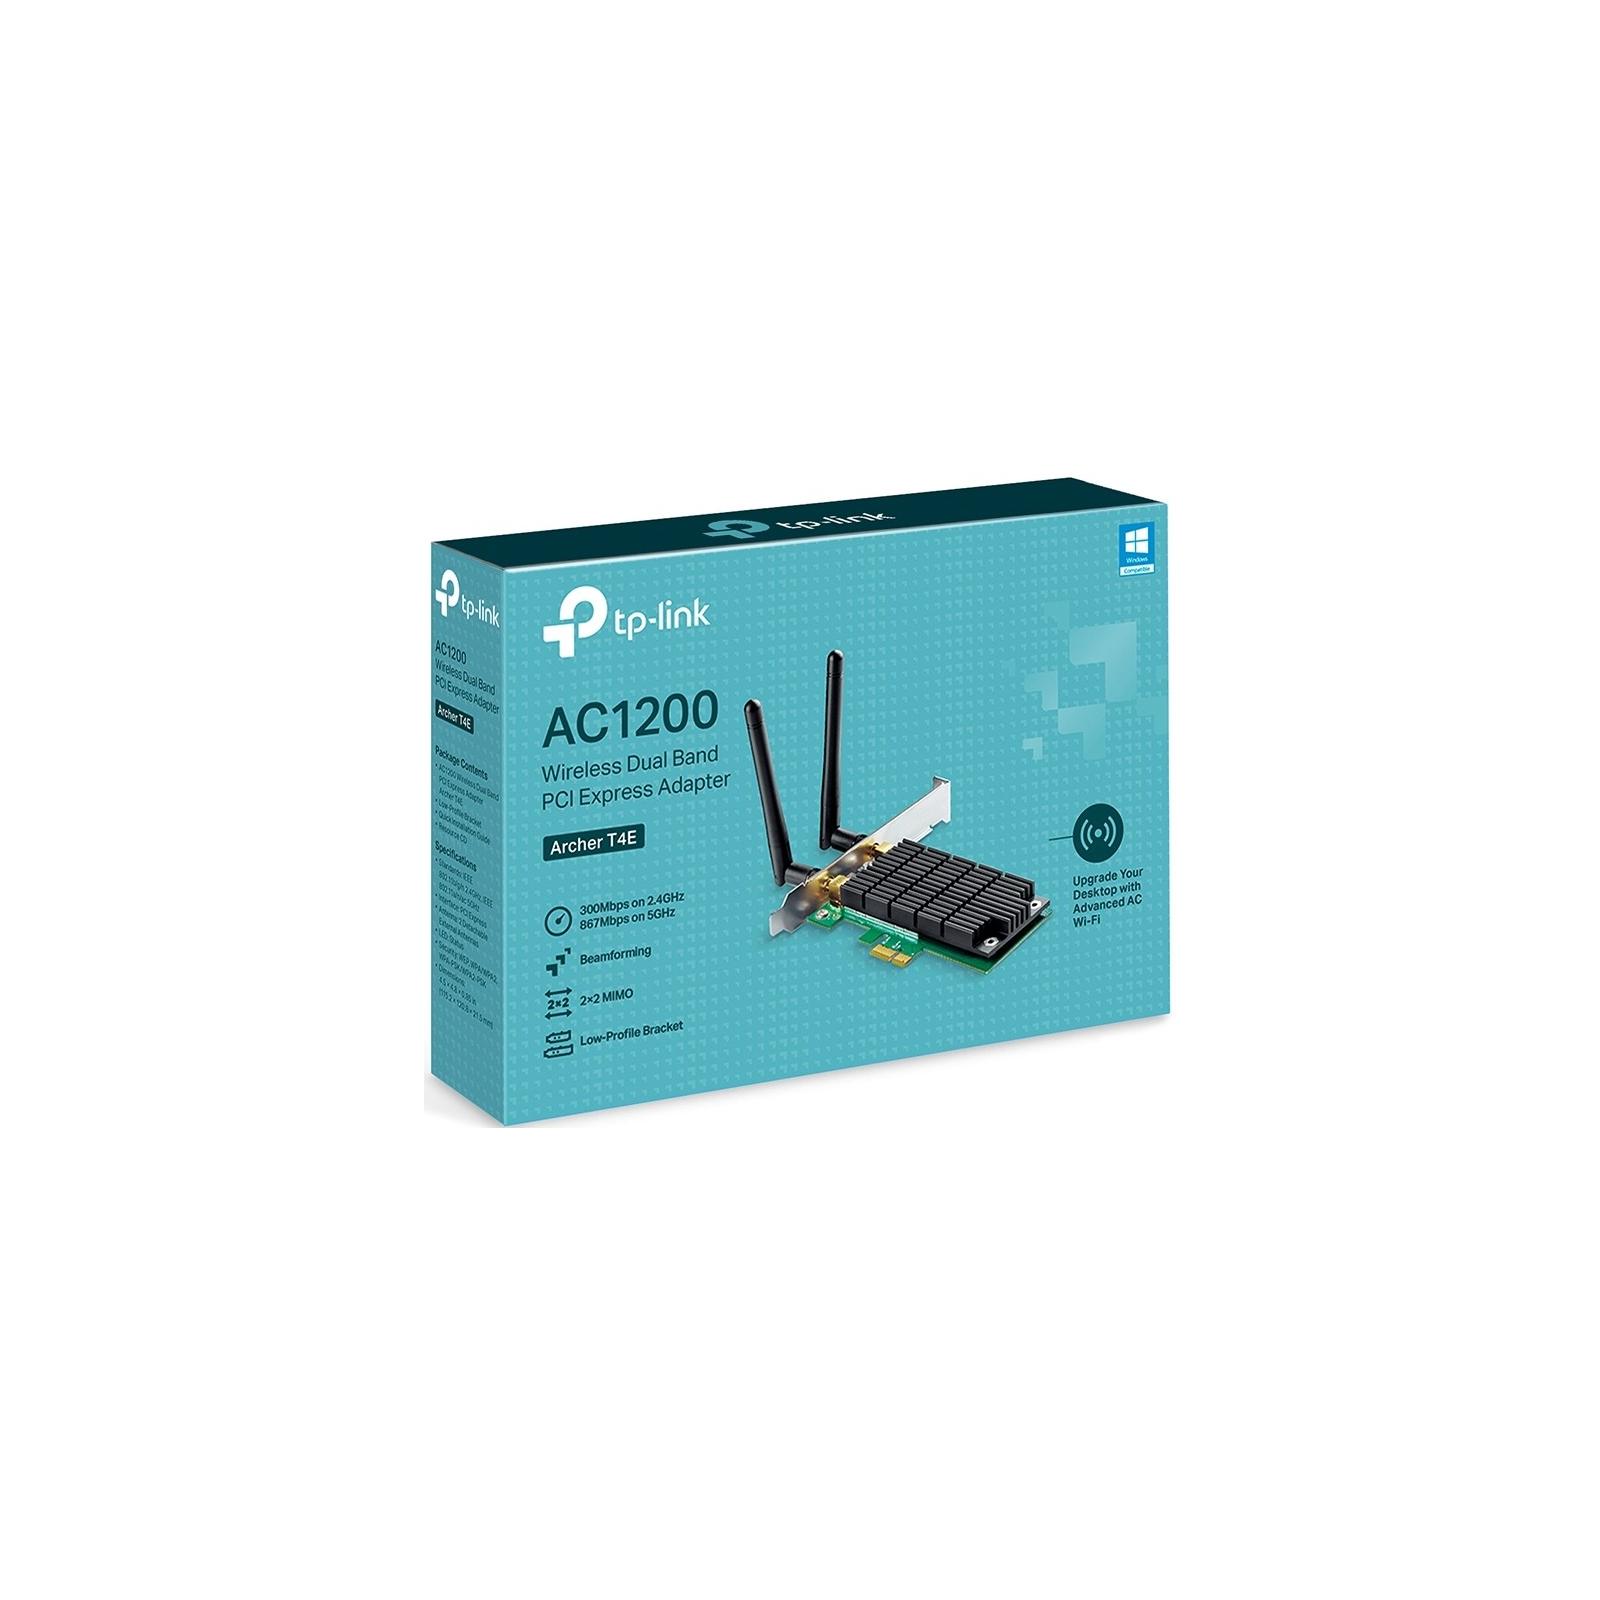 Ретранслятор TP-Link Archer T4E AC1200, PCI Express, Beamforming (ARCHER-T4E) зображення 6